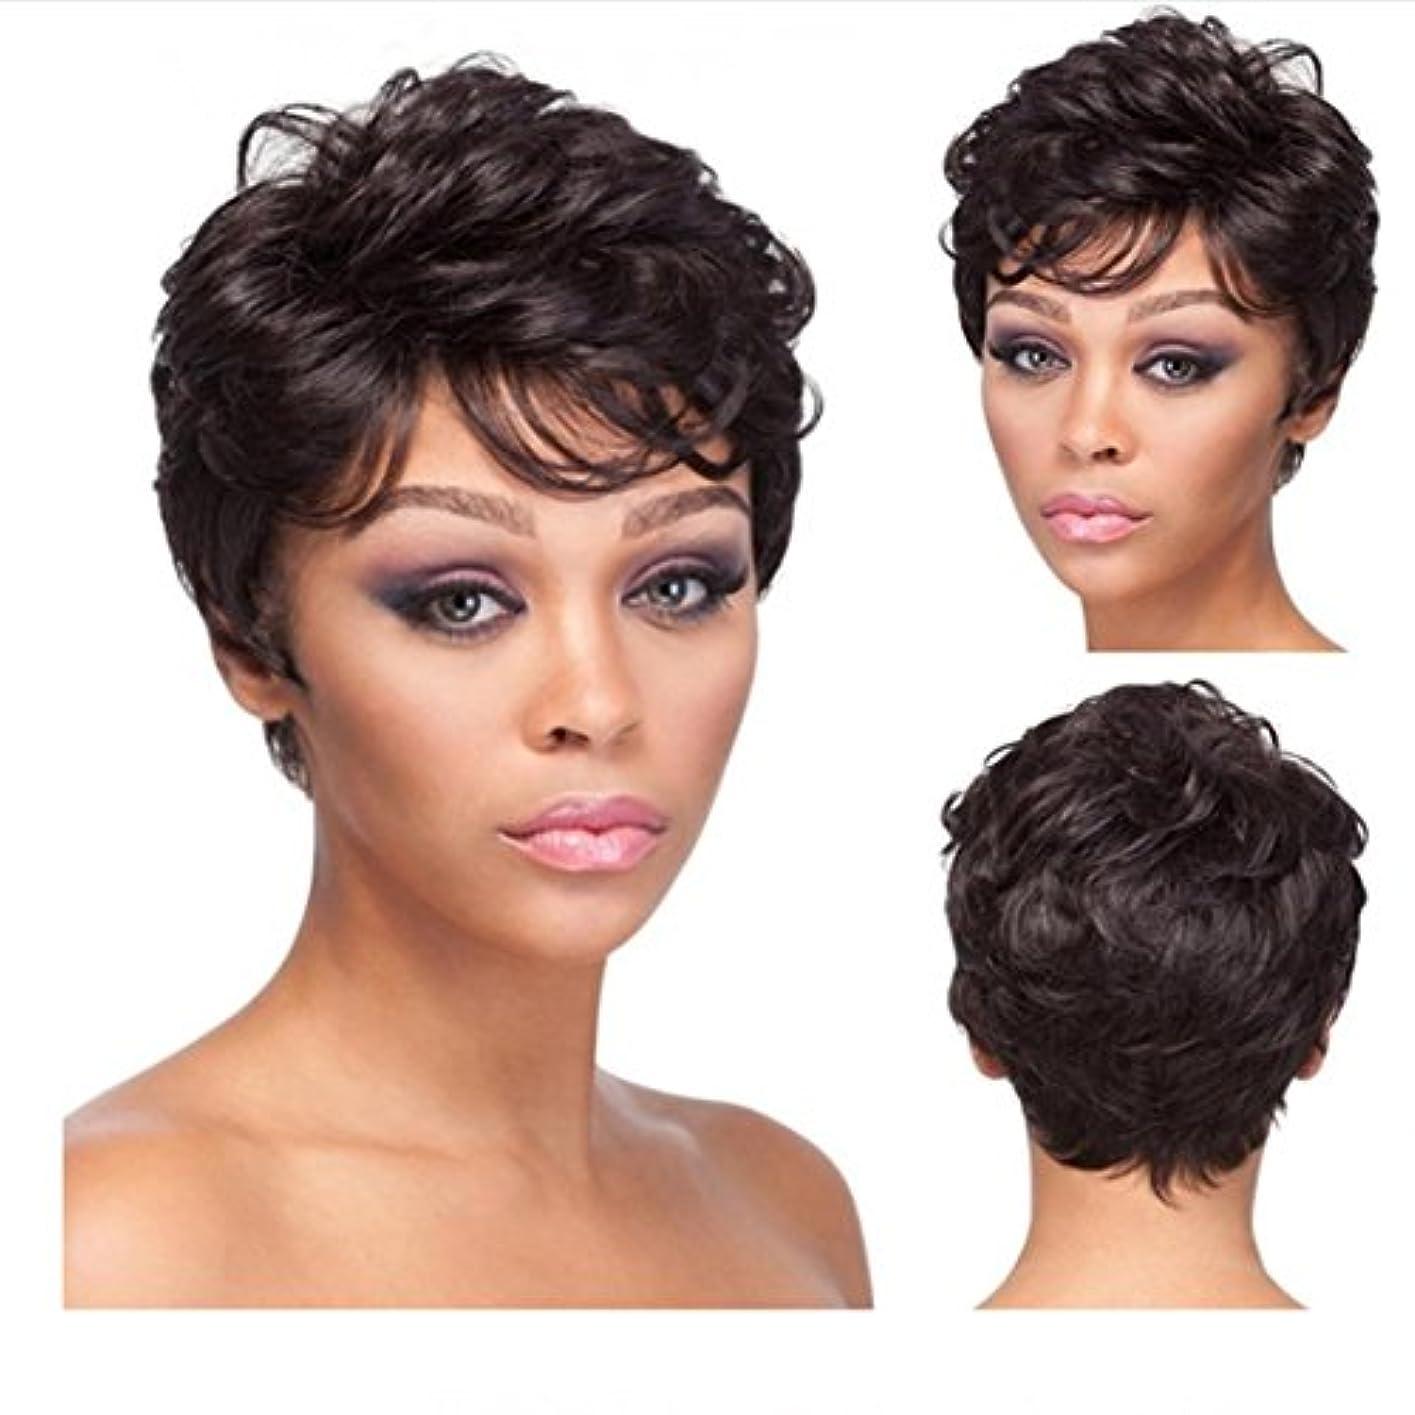 半島免除シールYOUQIU デイリーウィッグ20センチメートル/ 160グラム(黒褐色)かつらのために斜めBagns髪の耐熱ウィッグで女子ショートふわふわマイクロボリュームかつらのために現実的なウィッグ (色 : Brownish black)